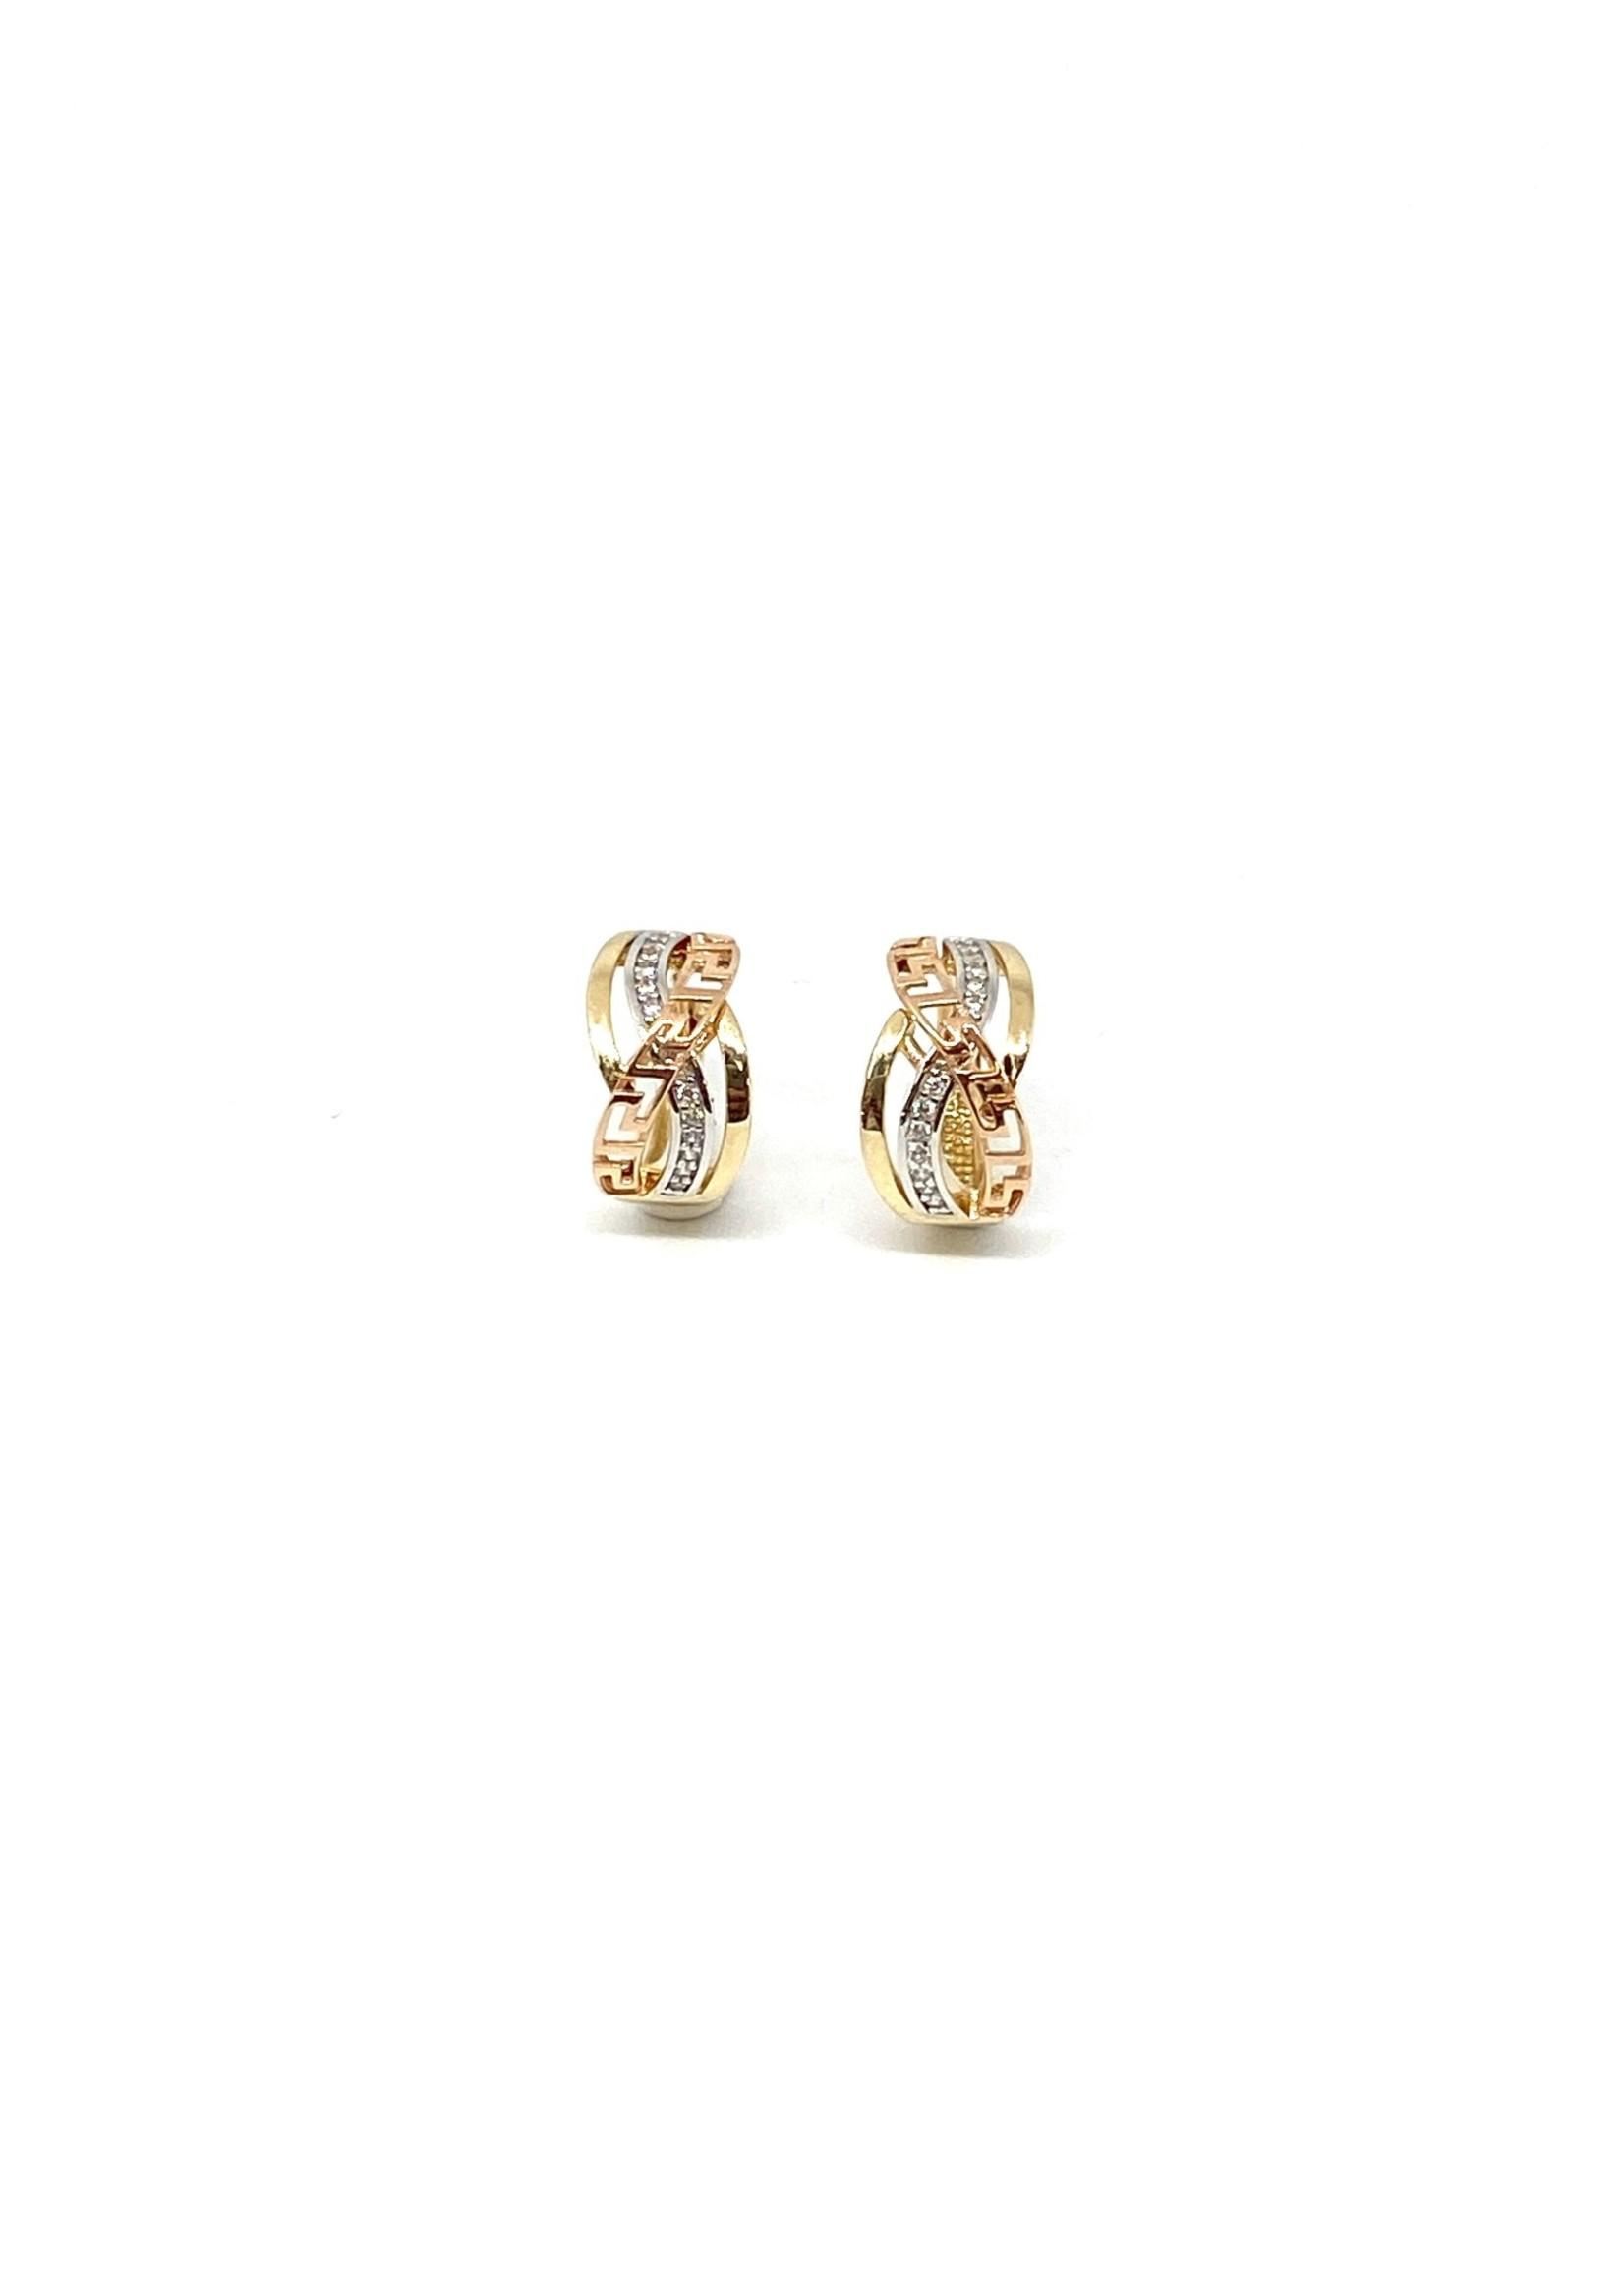 PARÉ Boucles d'oreilles Huggies Versace Or 10K 3 tons